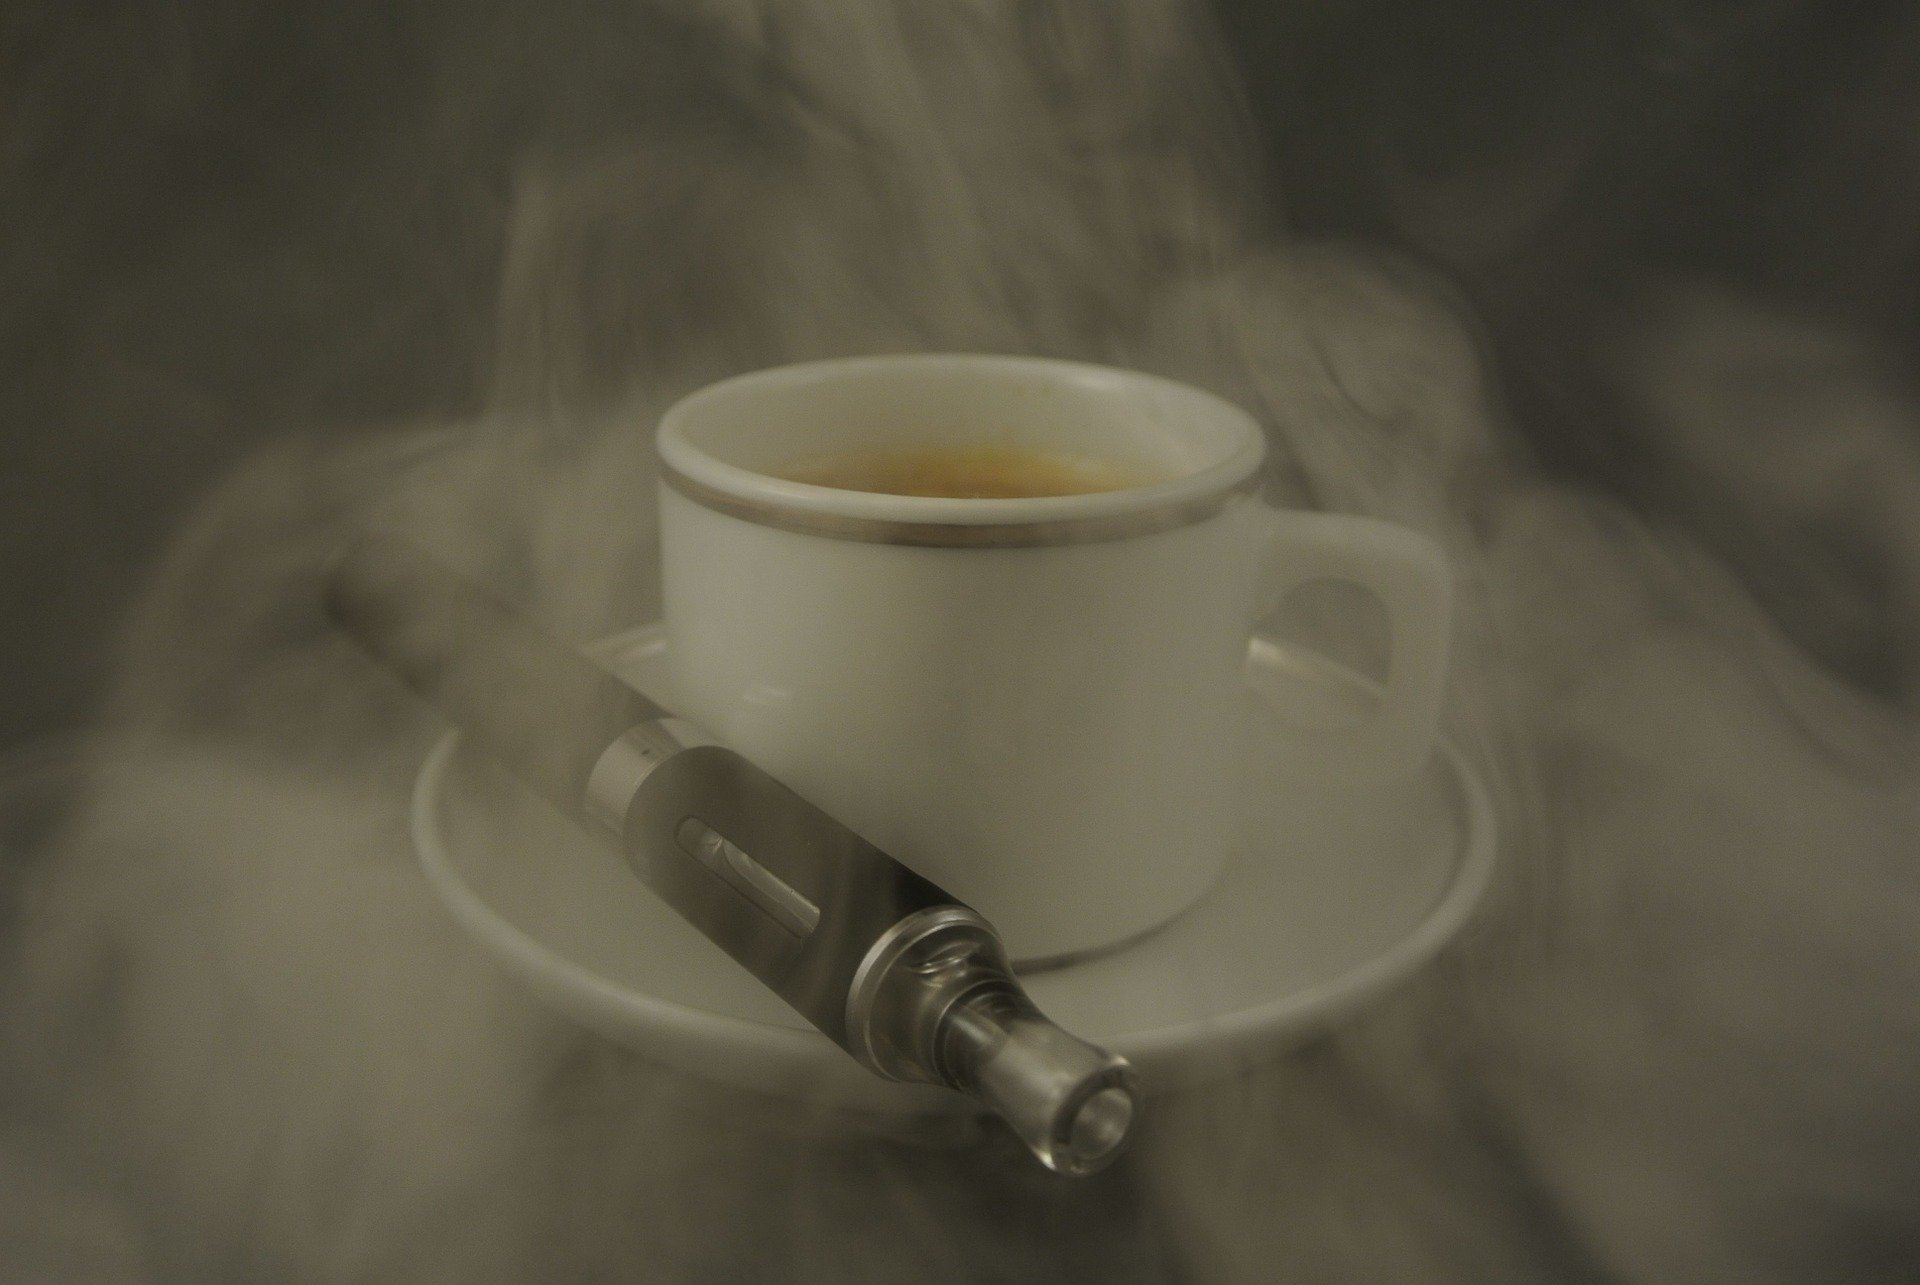 Une cigarette france avec eliquid et un produit liquide de nicotine